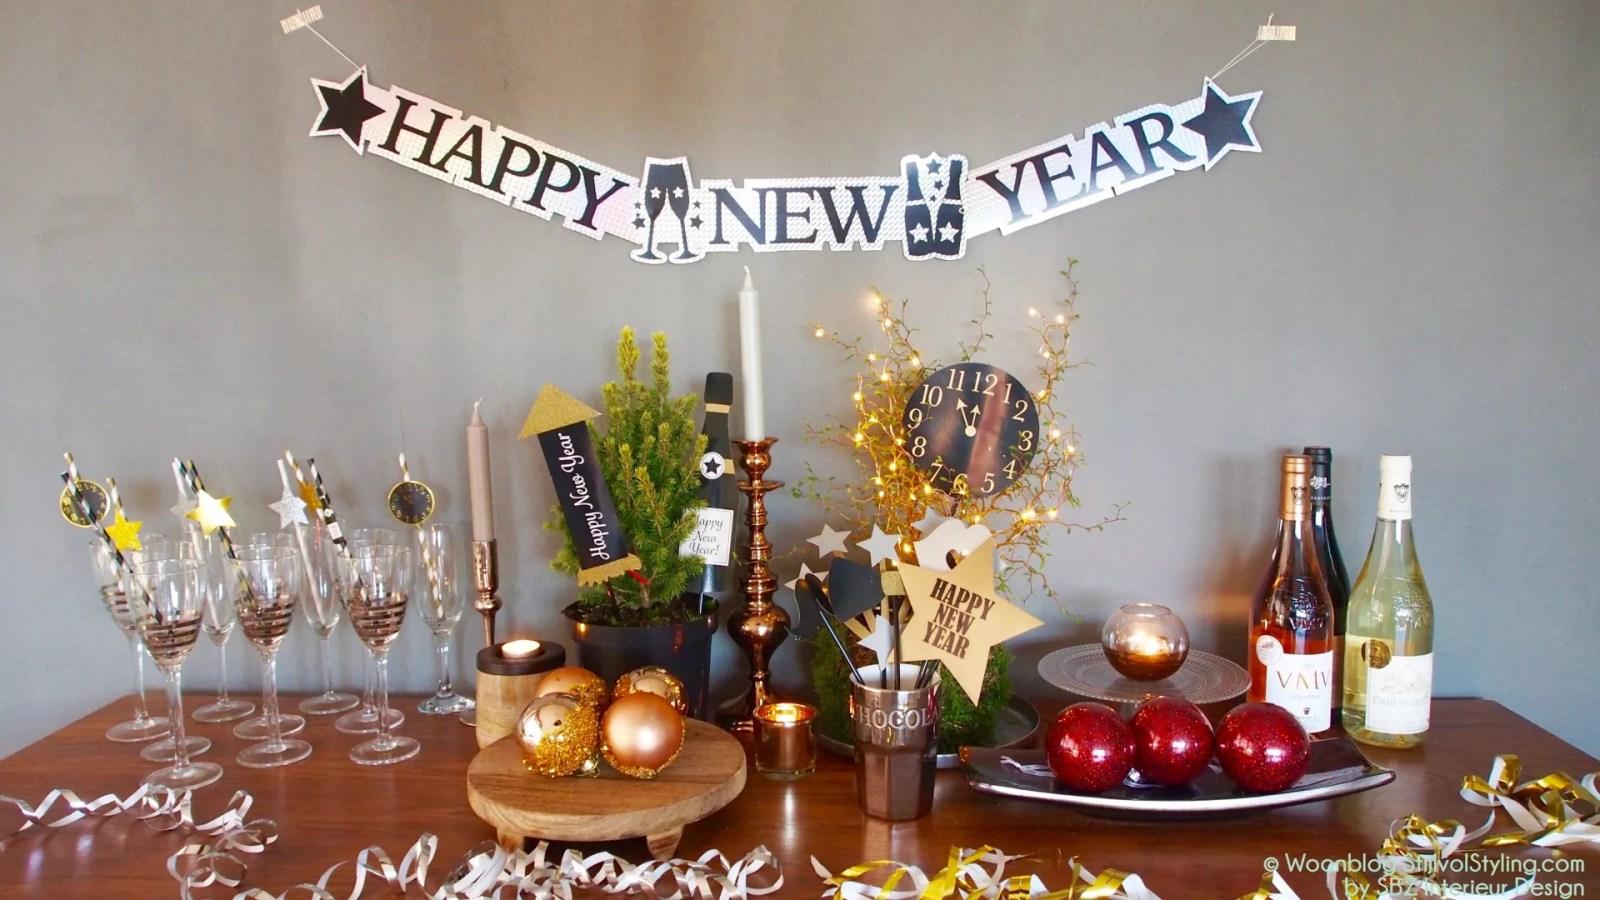 Feest styling | Oud & Nieuw feest styling tips voor thuisblijvers - Woonblog StijlvolStyling.com